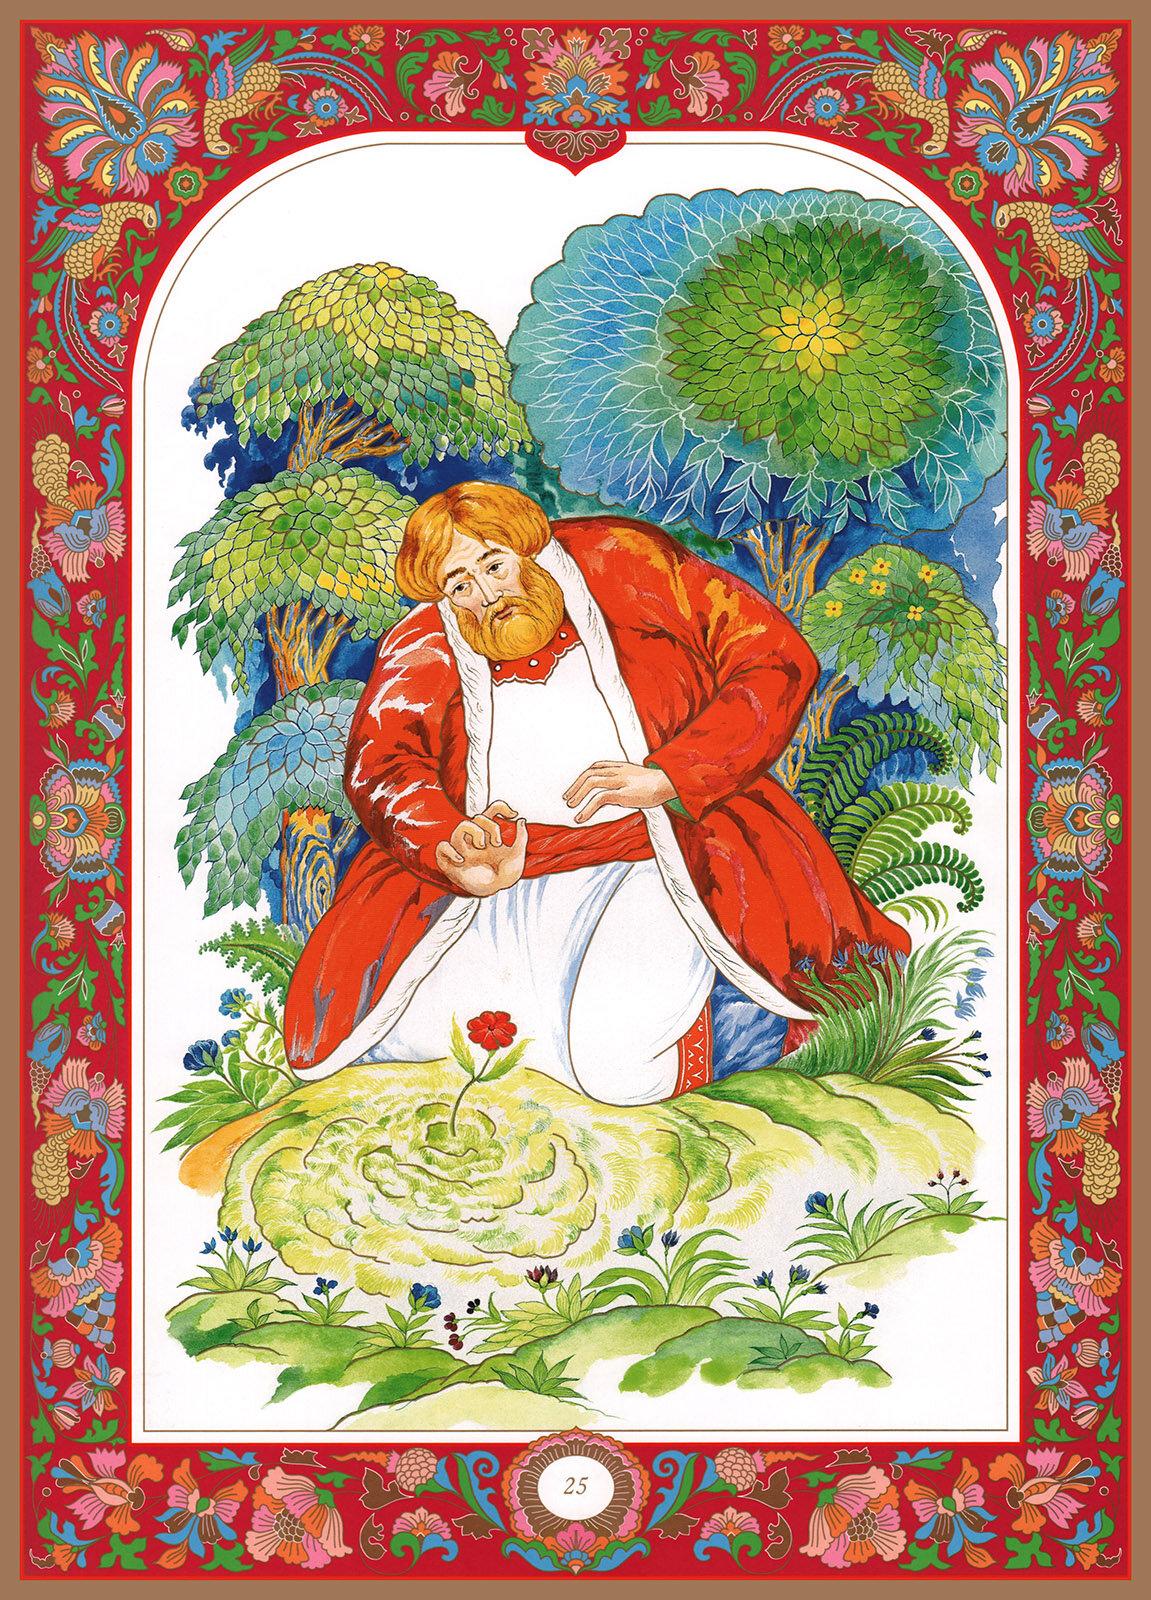 иллюстрации к сказке аленький цветочек картинки знаменитости